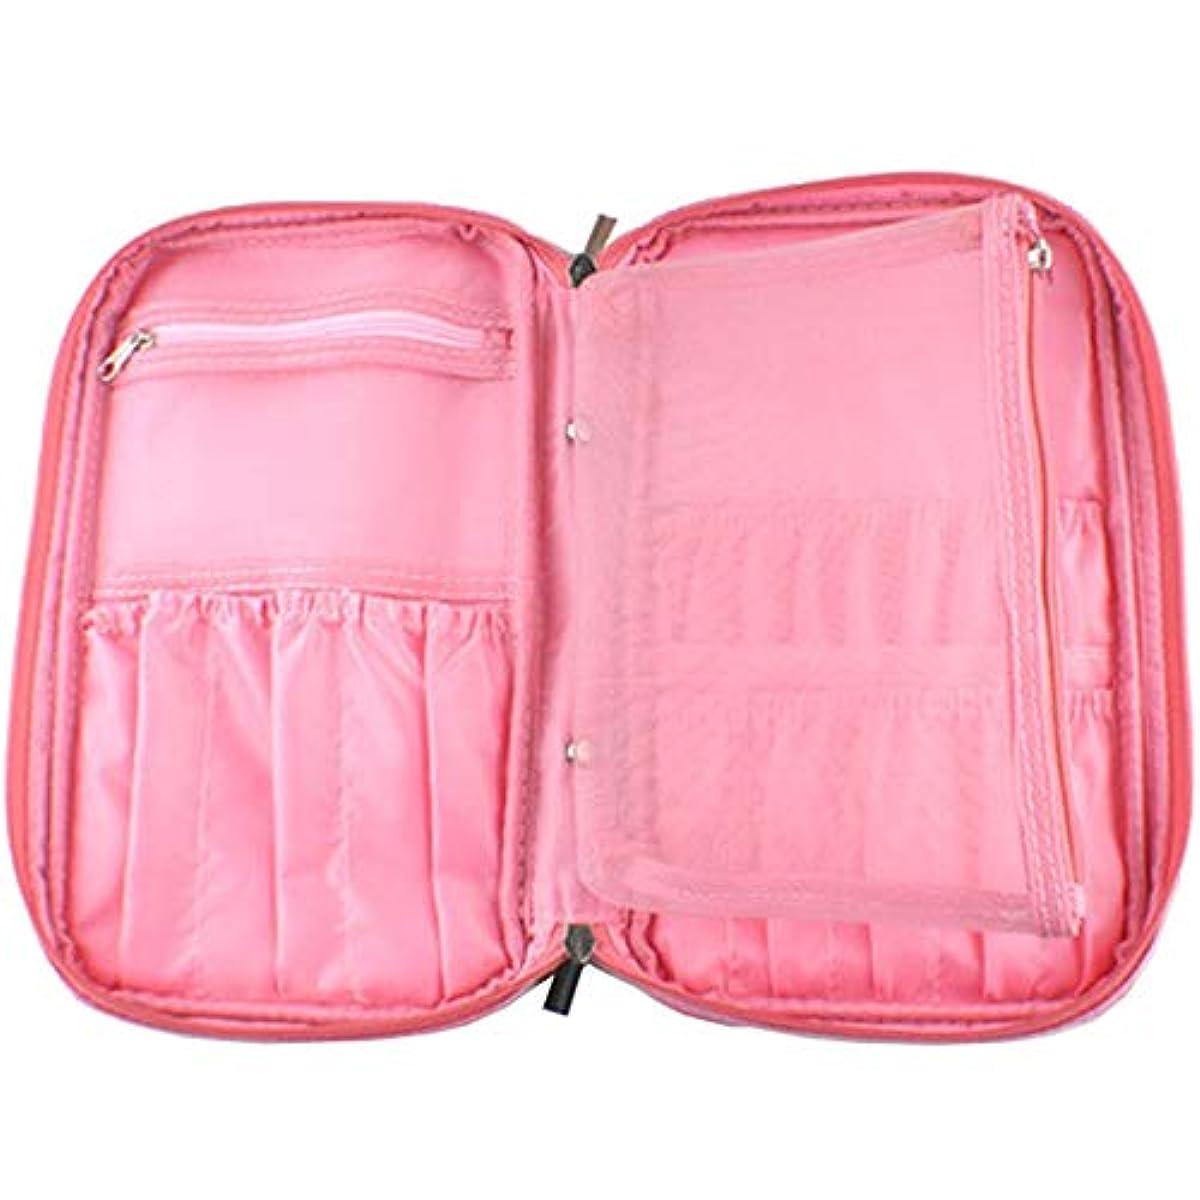 引き受ける激しい事実上Butokal 化粧ポーチ メイクブラシ収納ポーチ トラベルポーチ 化粧用バッグ 機能的 大容量 旅行収納ケース ポータブル 化粧バッグ (ピンク)